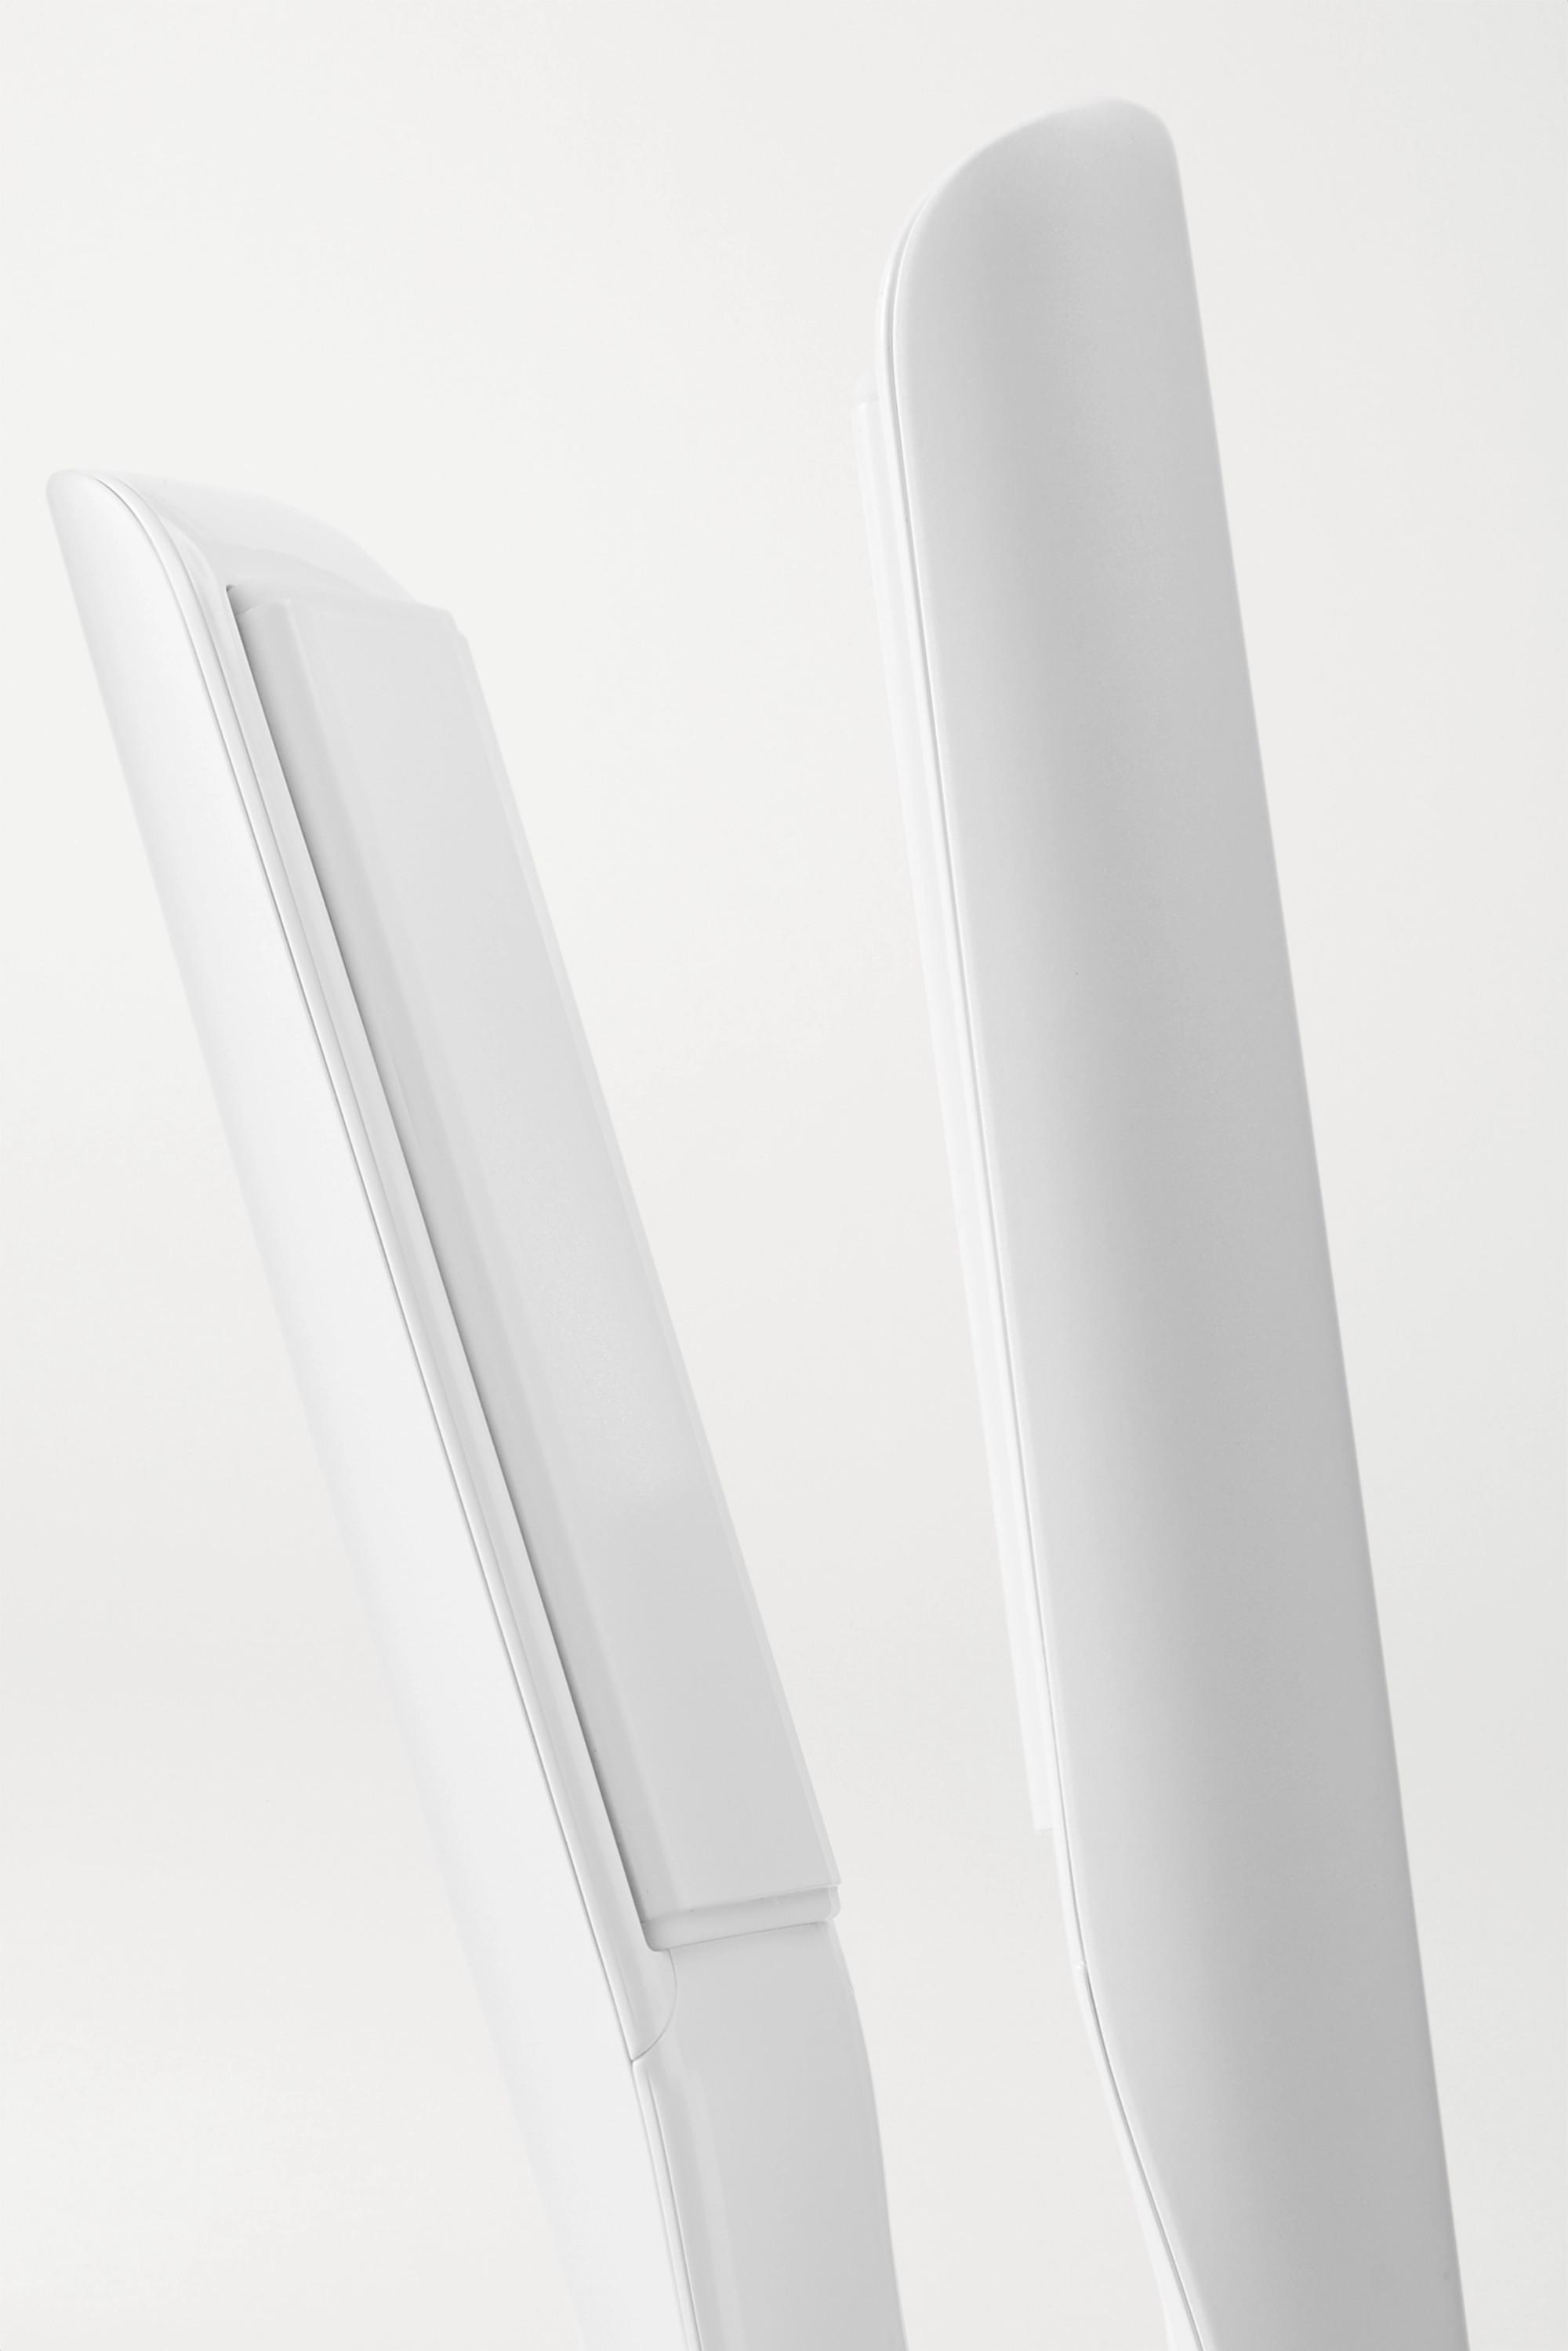 T3 Lucea 1-inch Straightening Flat Iron – Glätteisen mit zweipoligem Netzstecker (EU)